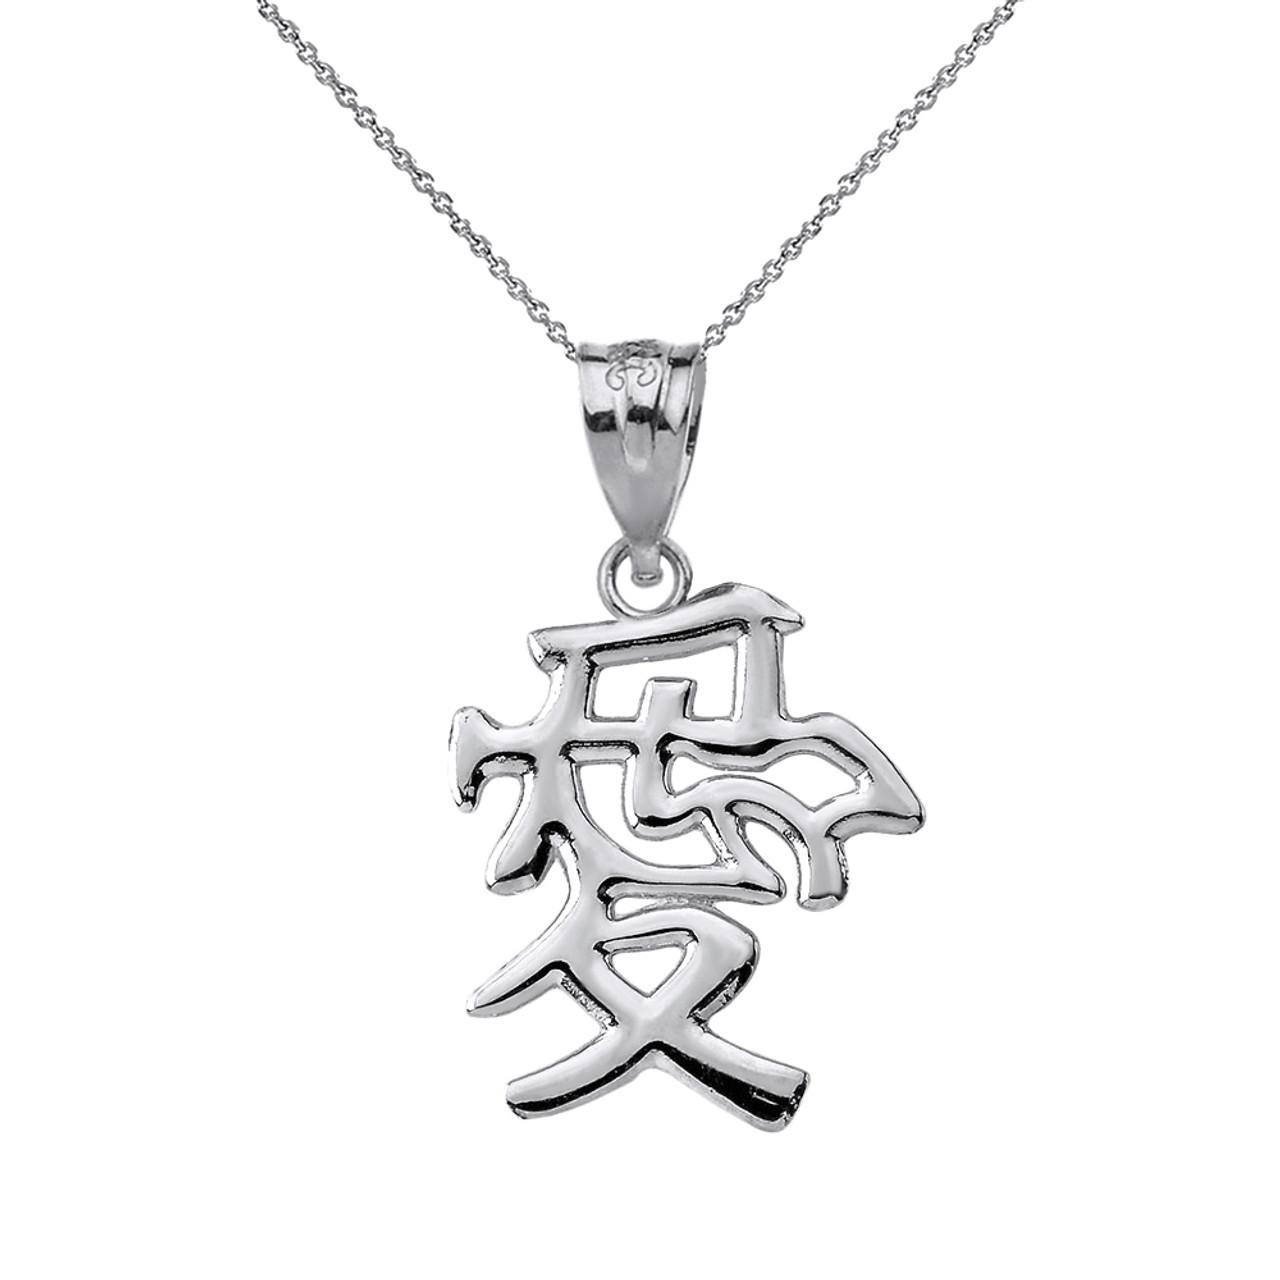 e5e74023a2b21 Sterling Silver Chinese Love Symbol Pendant Necklace